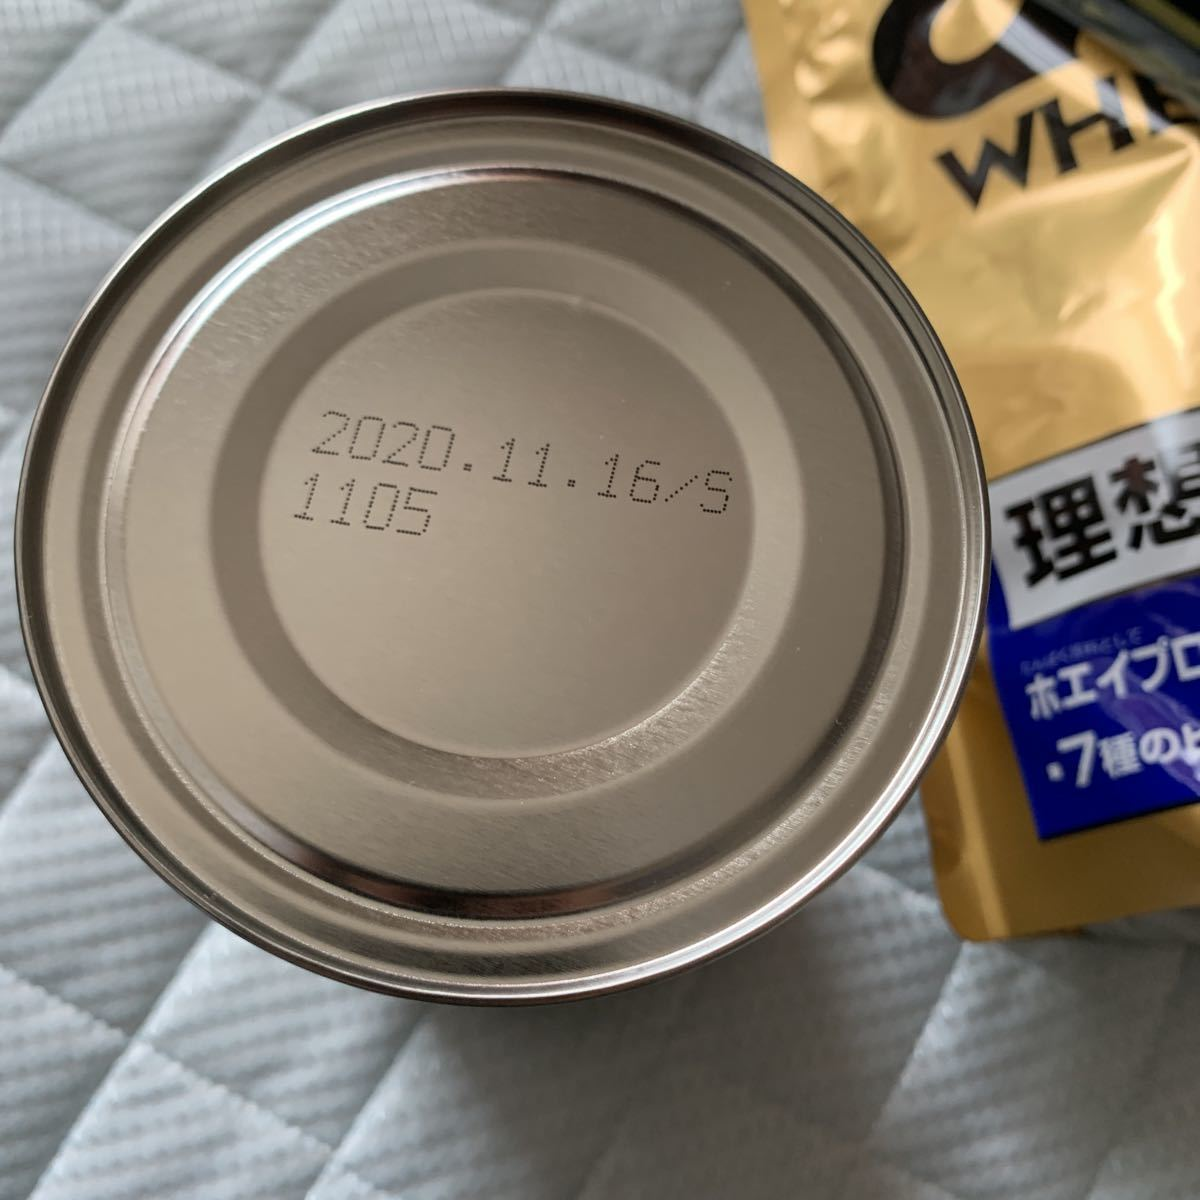 ザバスホエイプロテイン100 リッチショコラ・バニラ味 新品未開封品_画像2